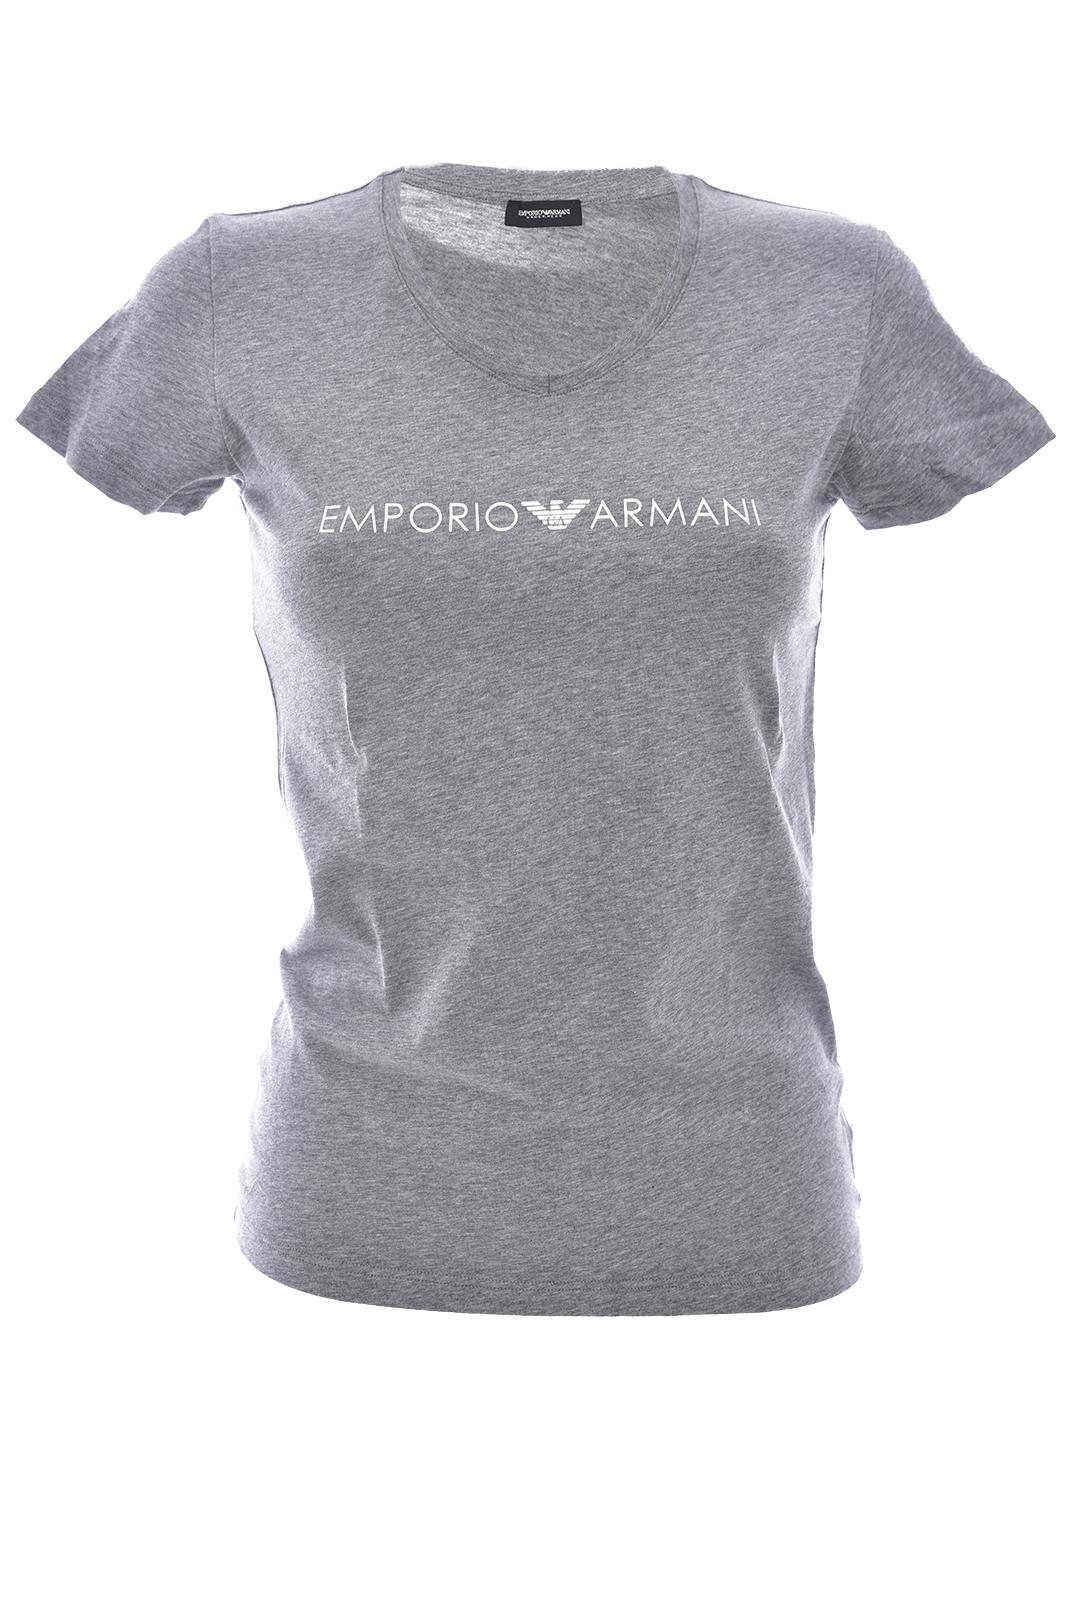 Tee shirt  Emporio armani 163321 8A317 06749 GIGRIO MELANGE